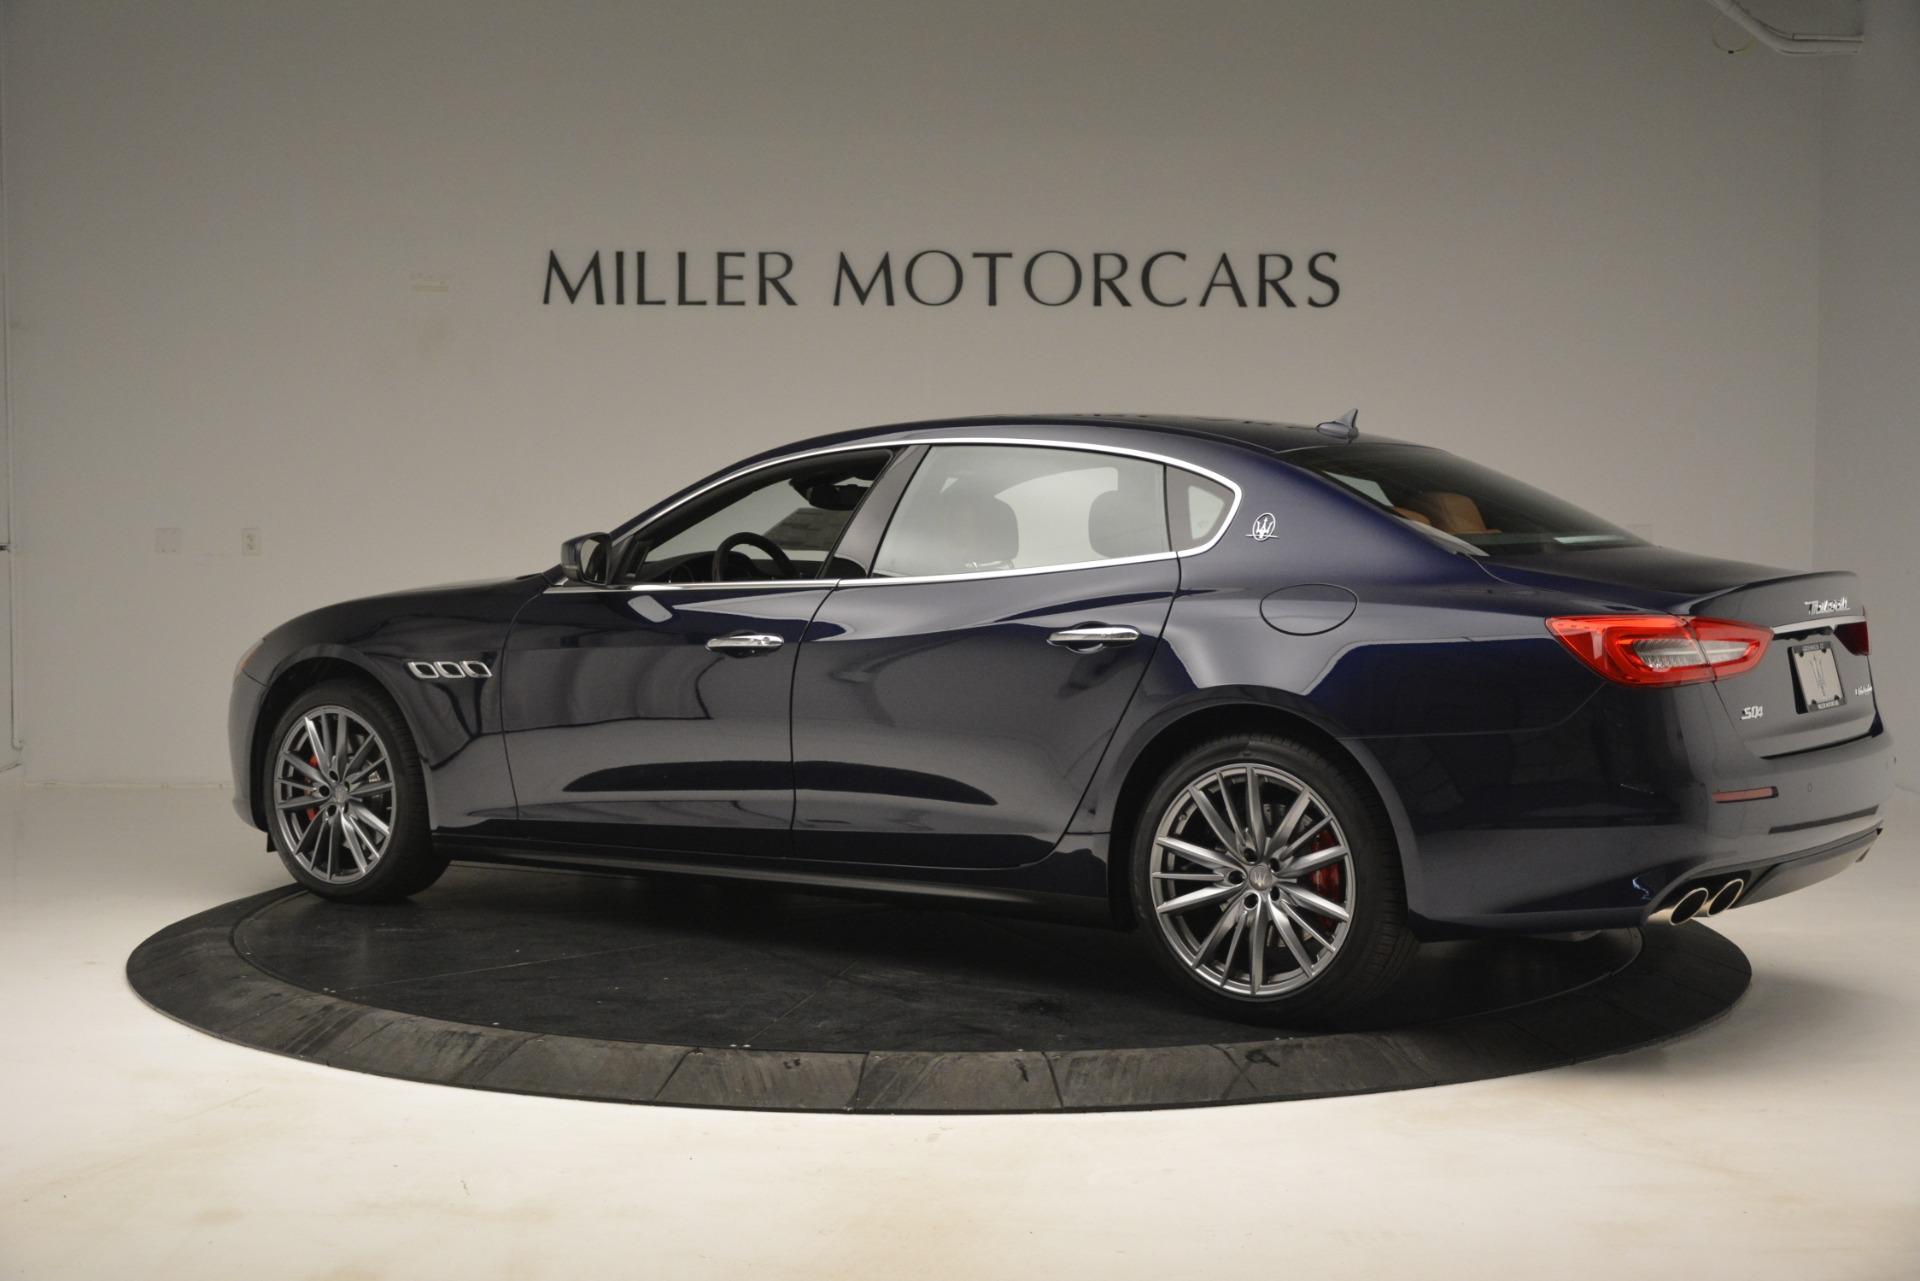 New 2019 Maserati Quattroporte S Q4 For Sale In Greenwich, CT 2742_p4